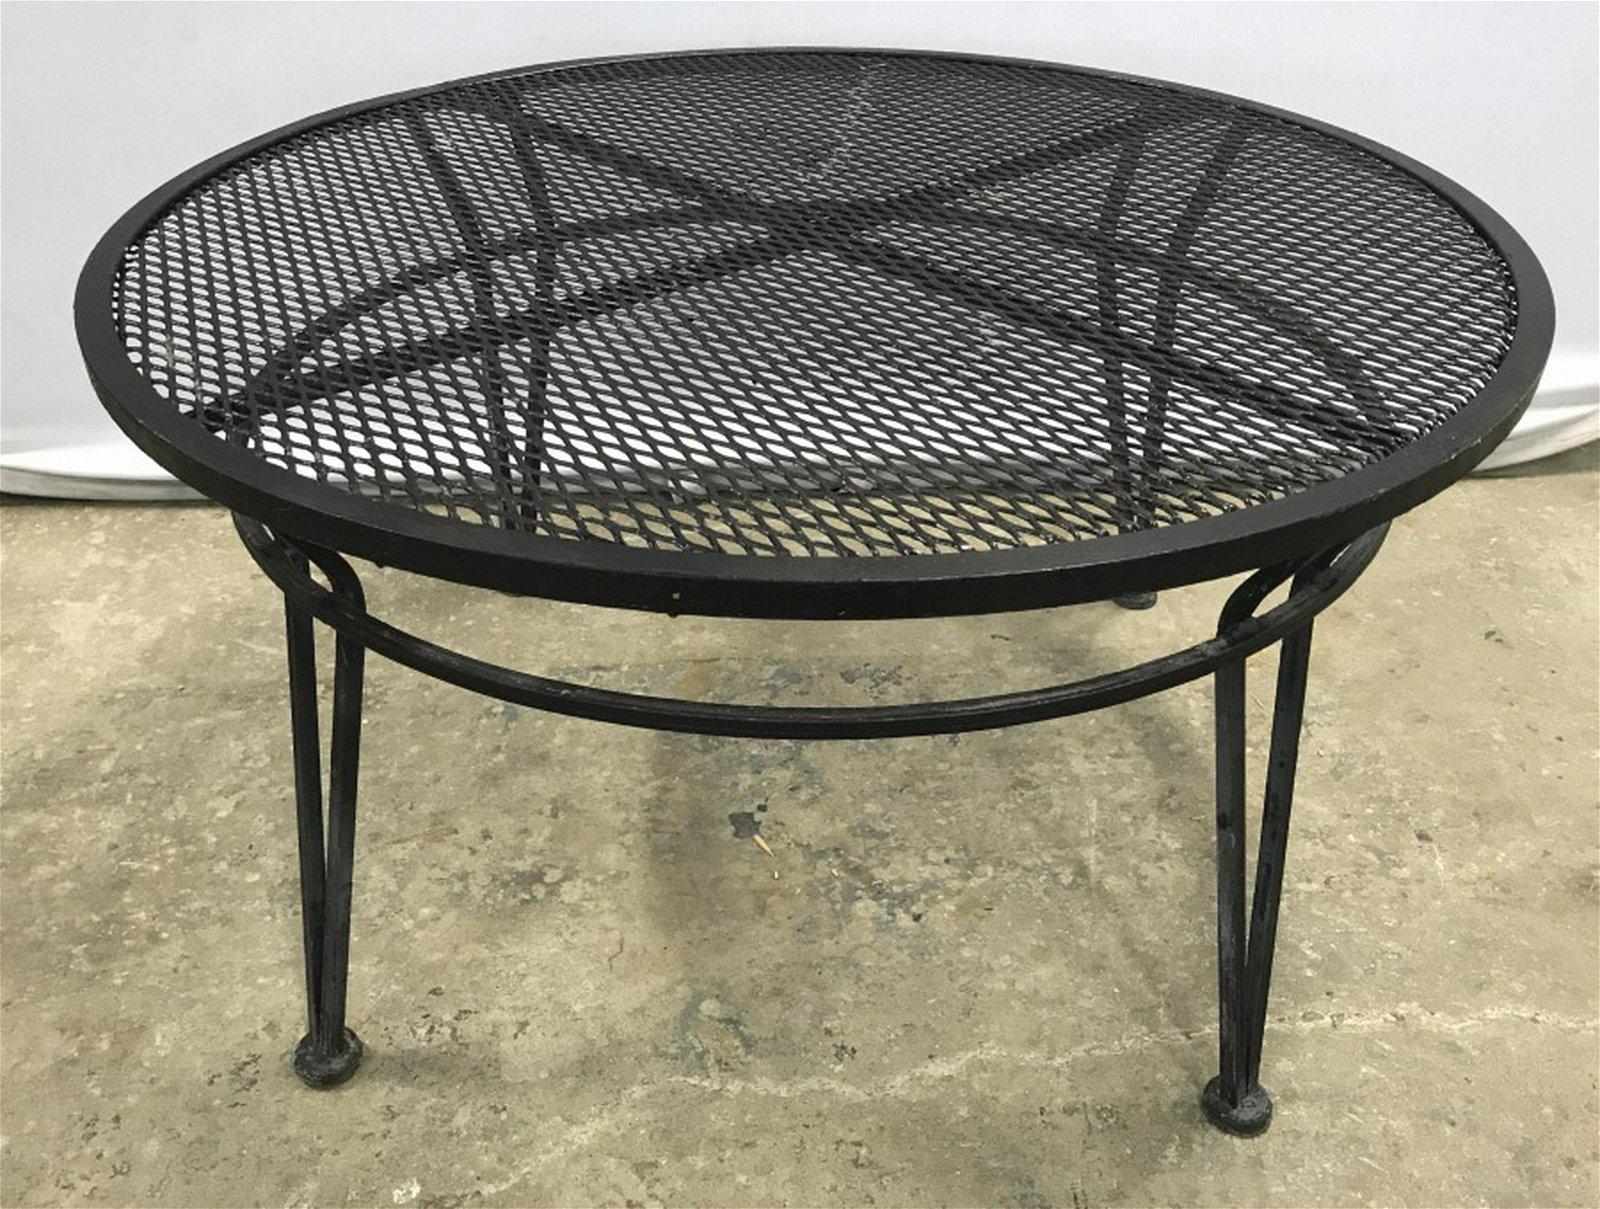 Russel Woodard Style Mesh Metal Patio Coffee Table